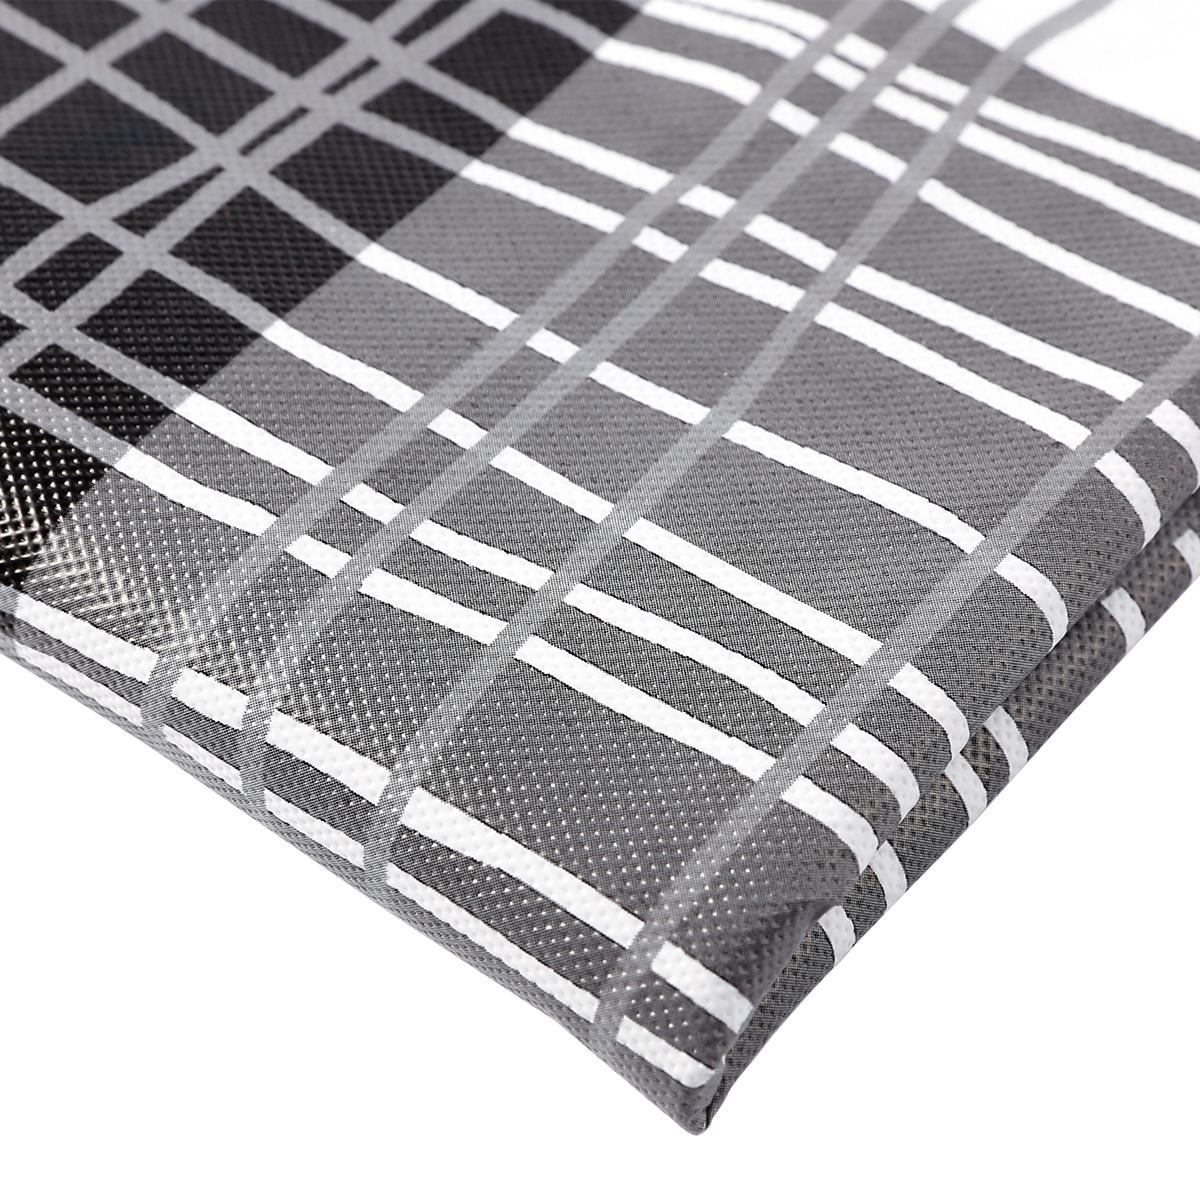 nappe en pvc rectangulaire 200x140cm tartan cossais blanc et noir ebay. Black Bedroom Furniture Sets. Home Design Ideas